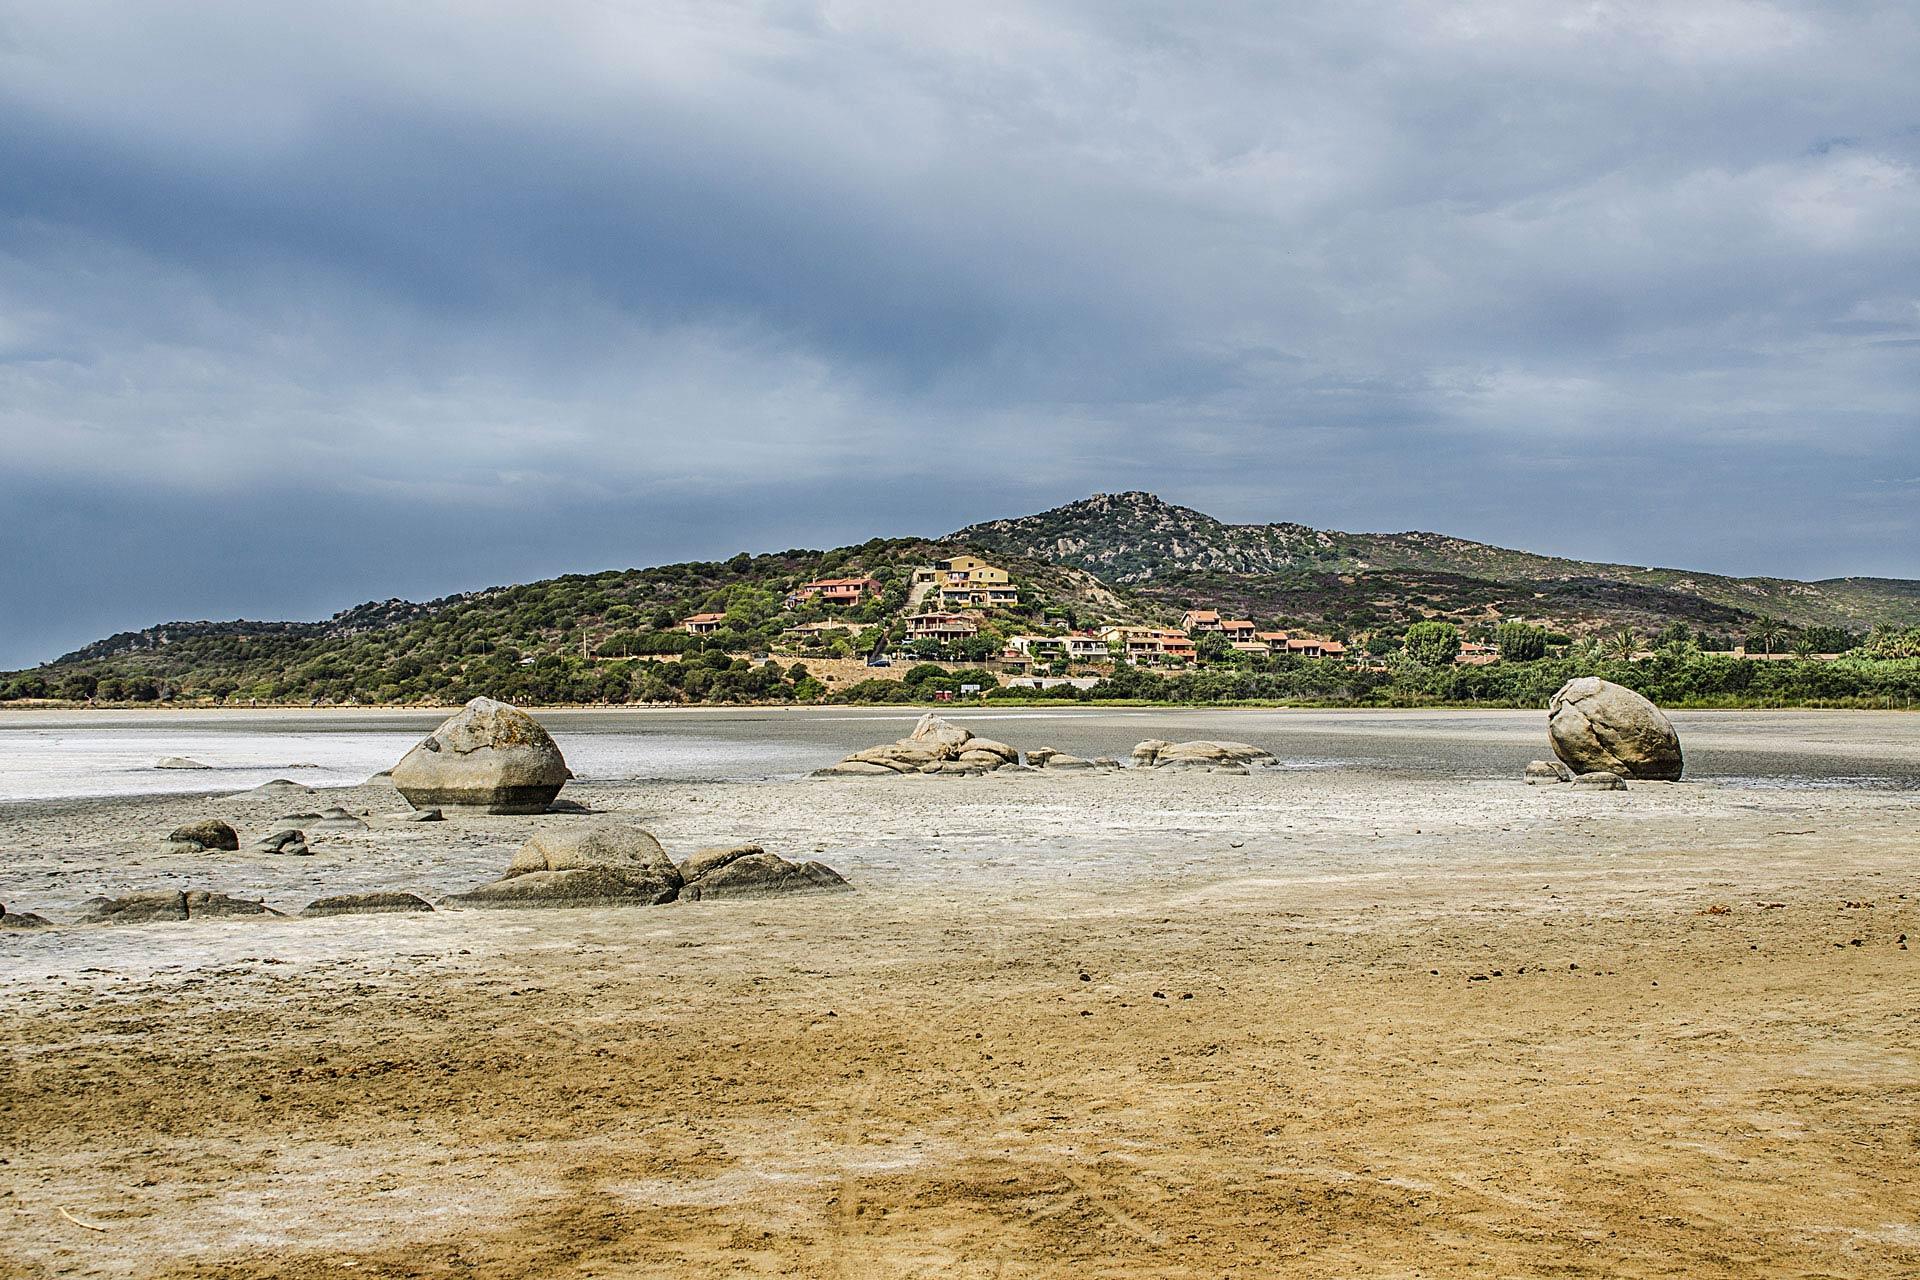 Paesaggi-Italia - DSC 9468 - Saline-Sardegna-Viaggio-in-Sardegna - Saline-Sardegna-Viaggio-in-Sardegna